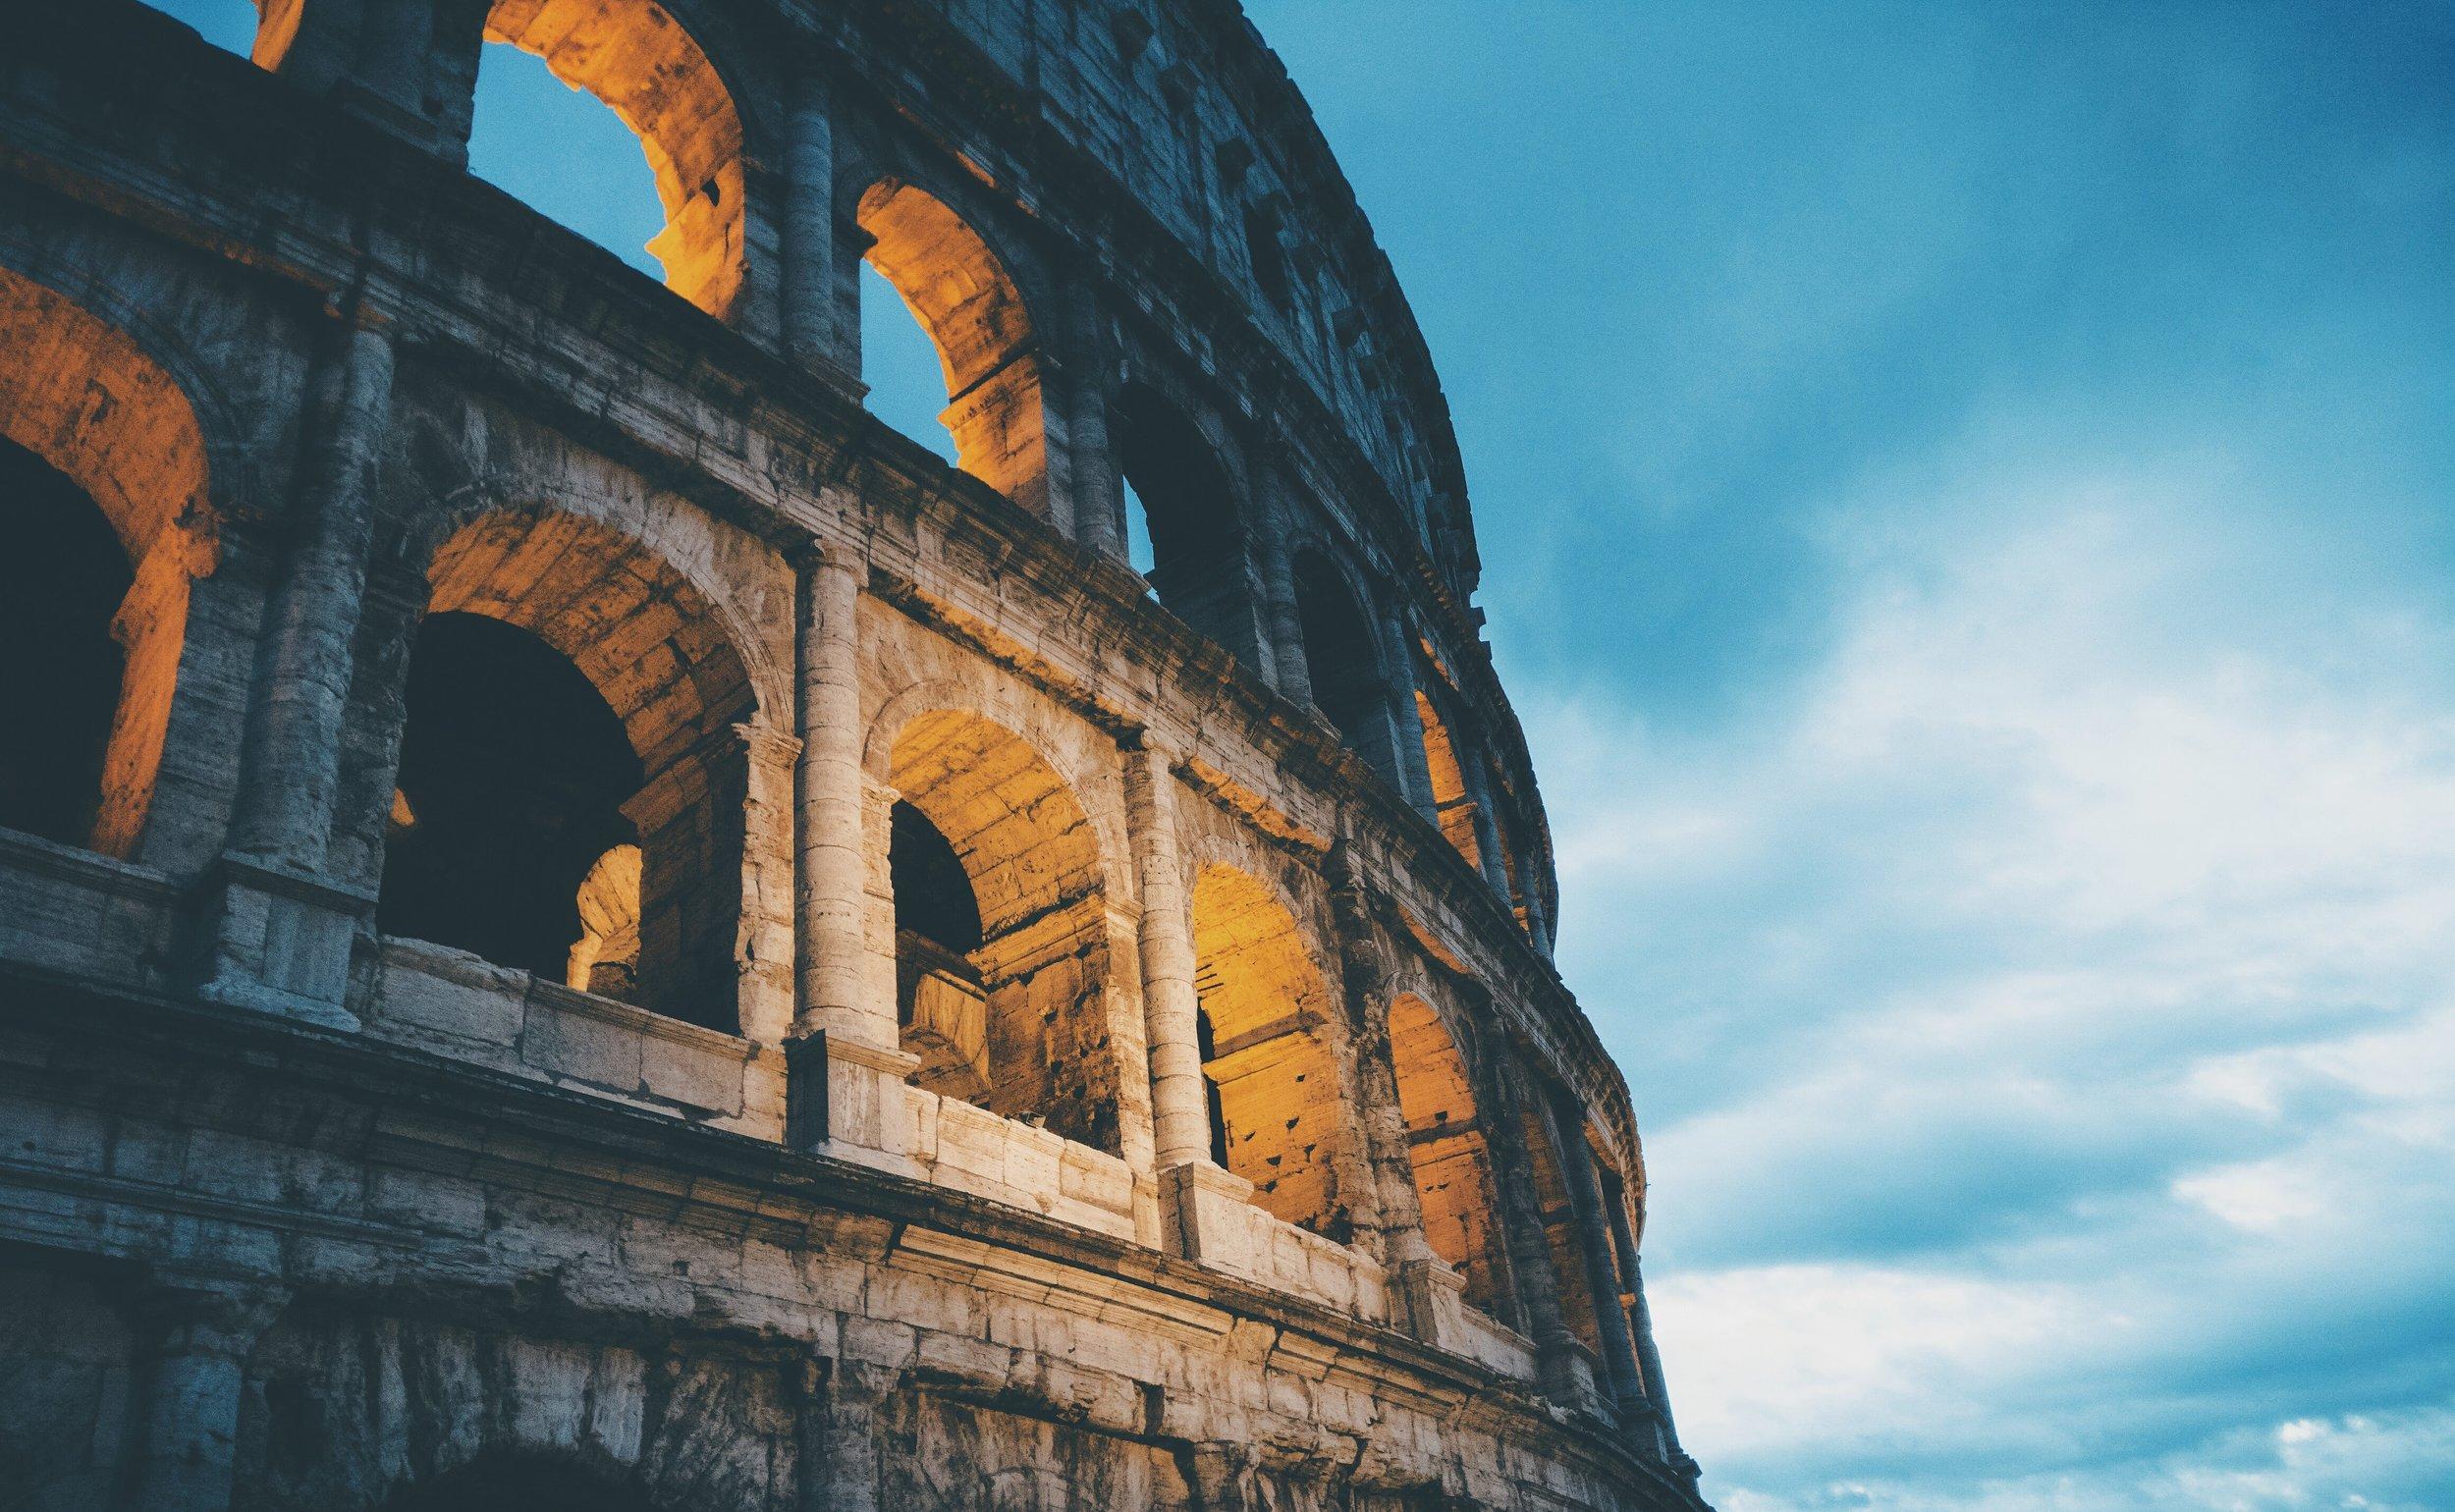 SEPTEMBER 21 - 30, 2019 - ROME & ITALIAN SHRINES